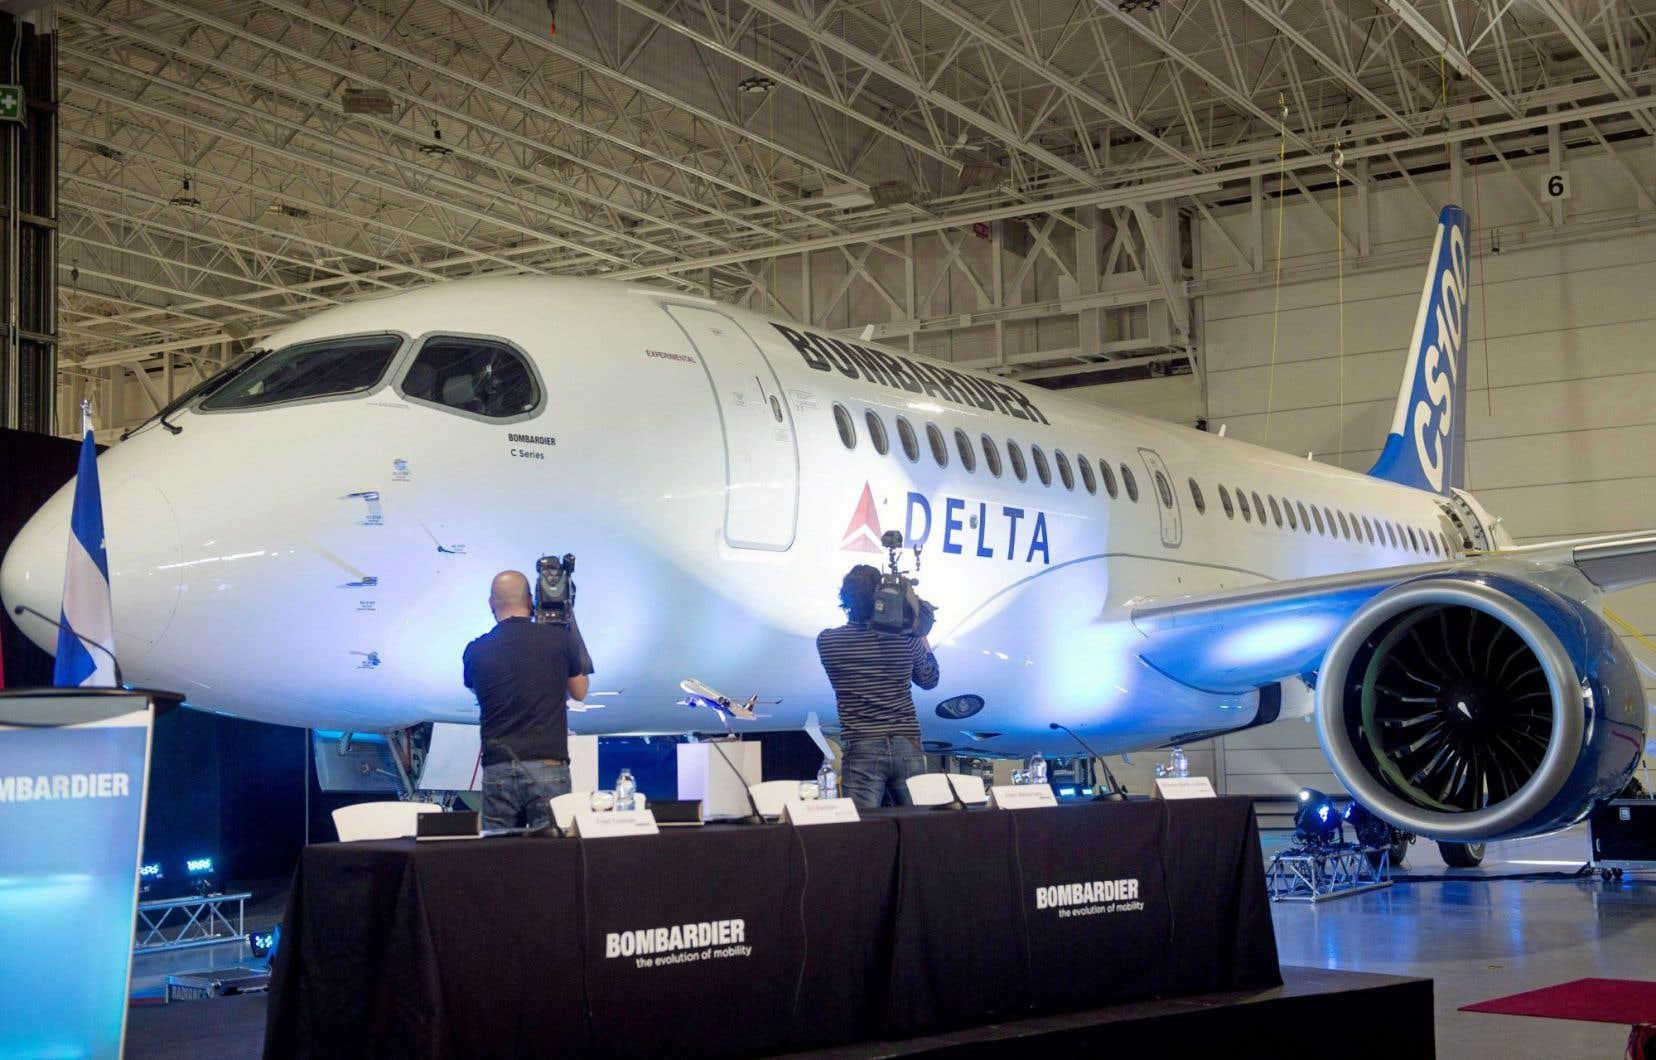 La vente de CSeries au rabais à Delta Air Lines est au cœur du conflit.